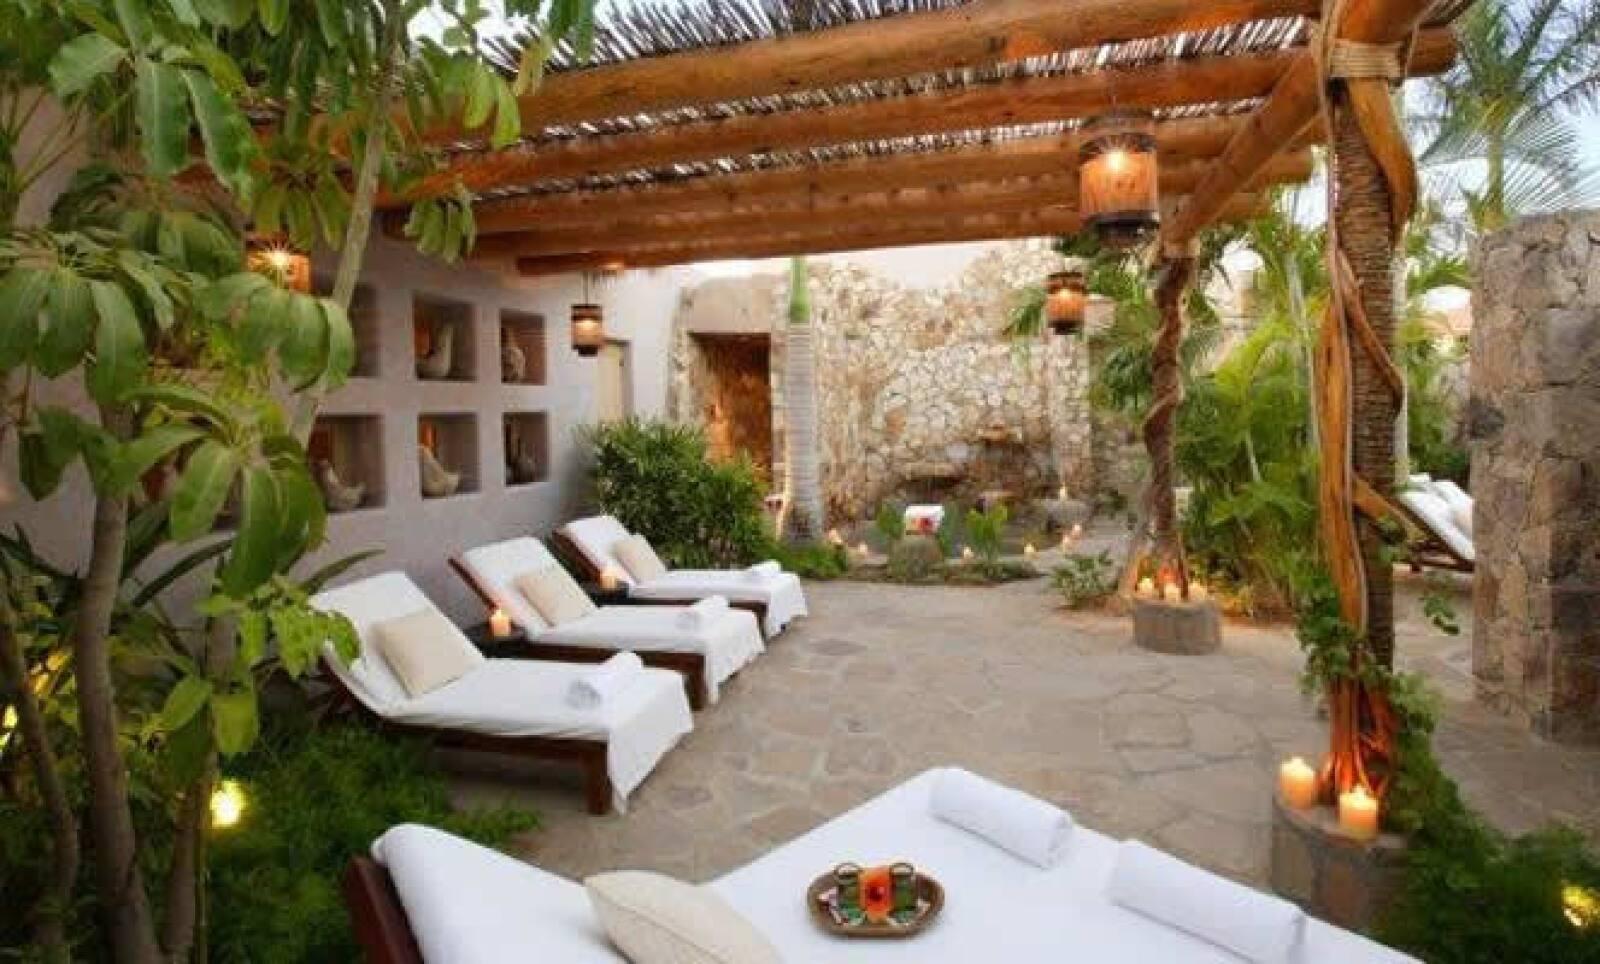 La revista Travel+Leisure designó a Esperanza Resort, como el hotel spa número 1 en México, por tratamientos de calidad e instalaciones en constante mantenimiento.